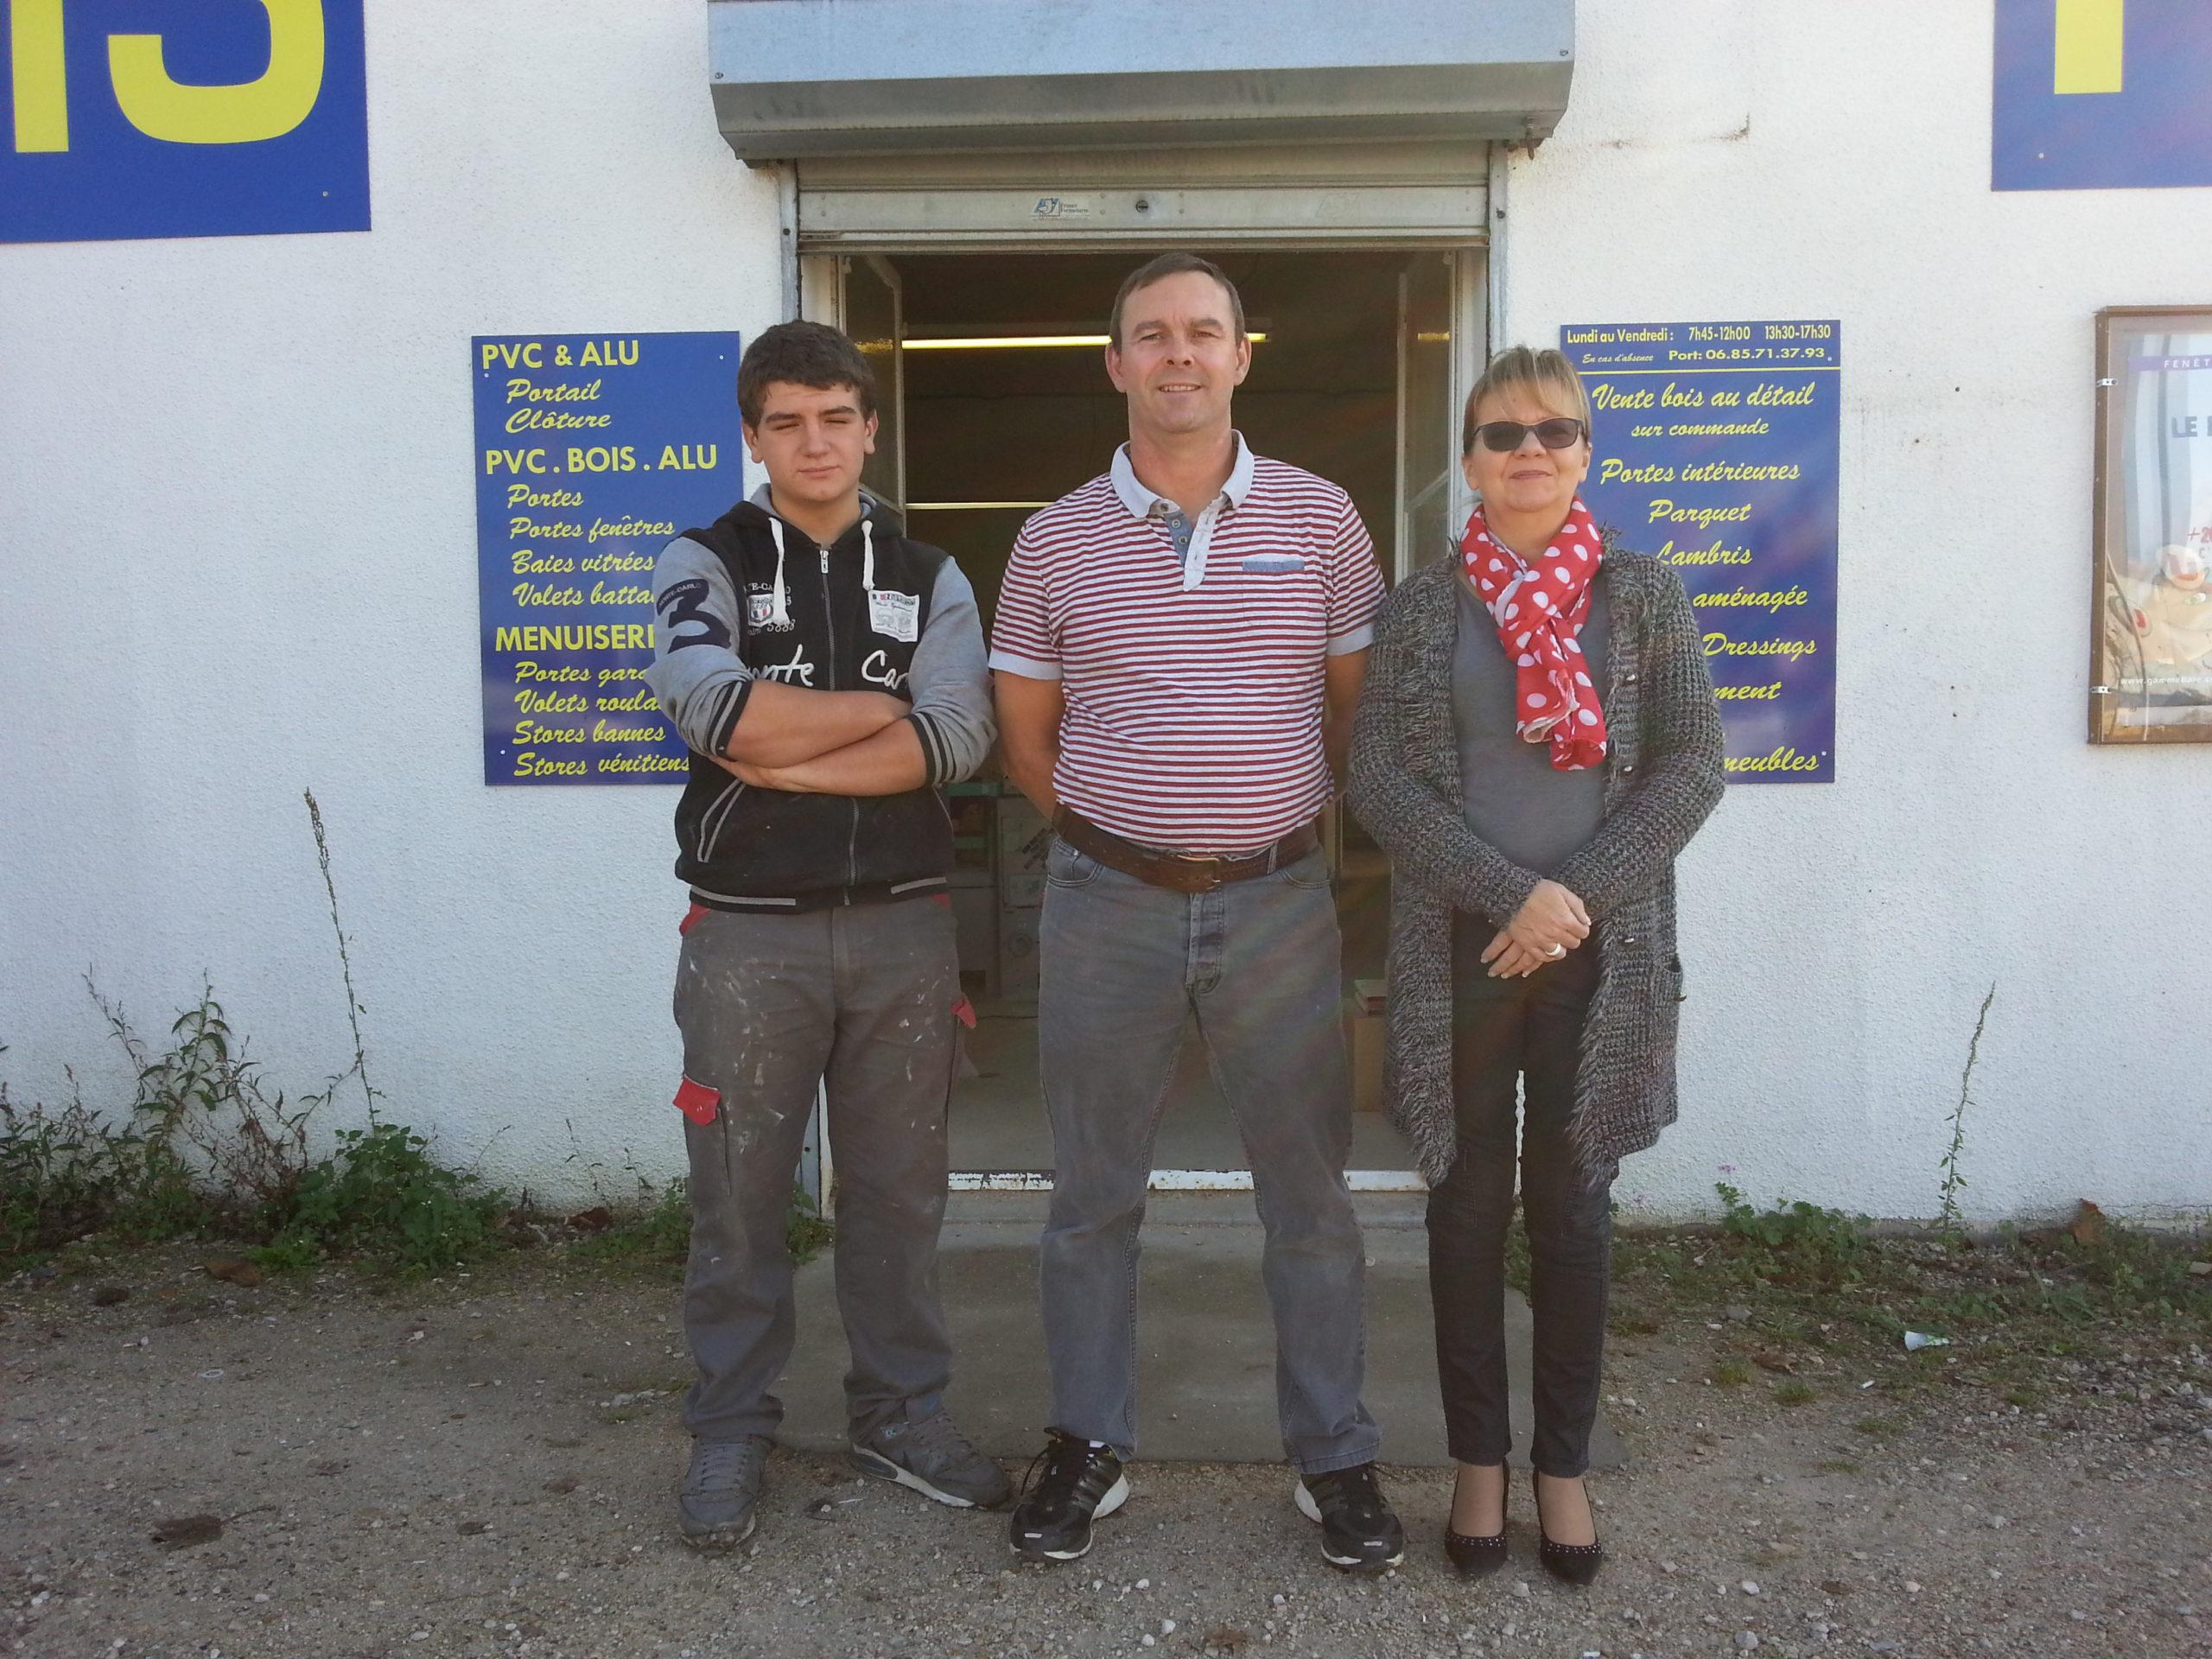 Menuiserie Girard équipe